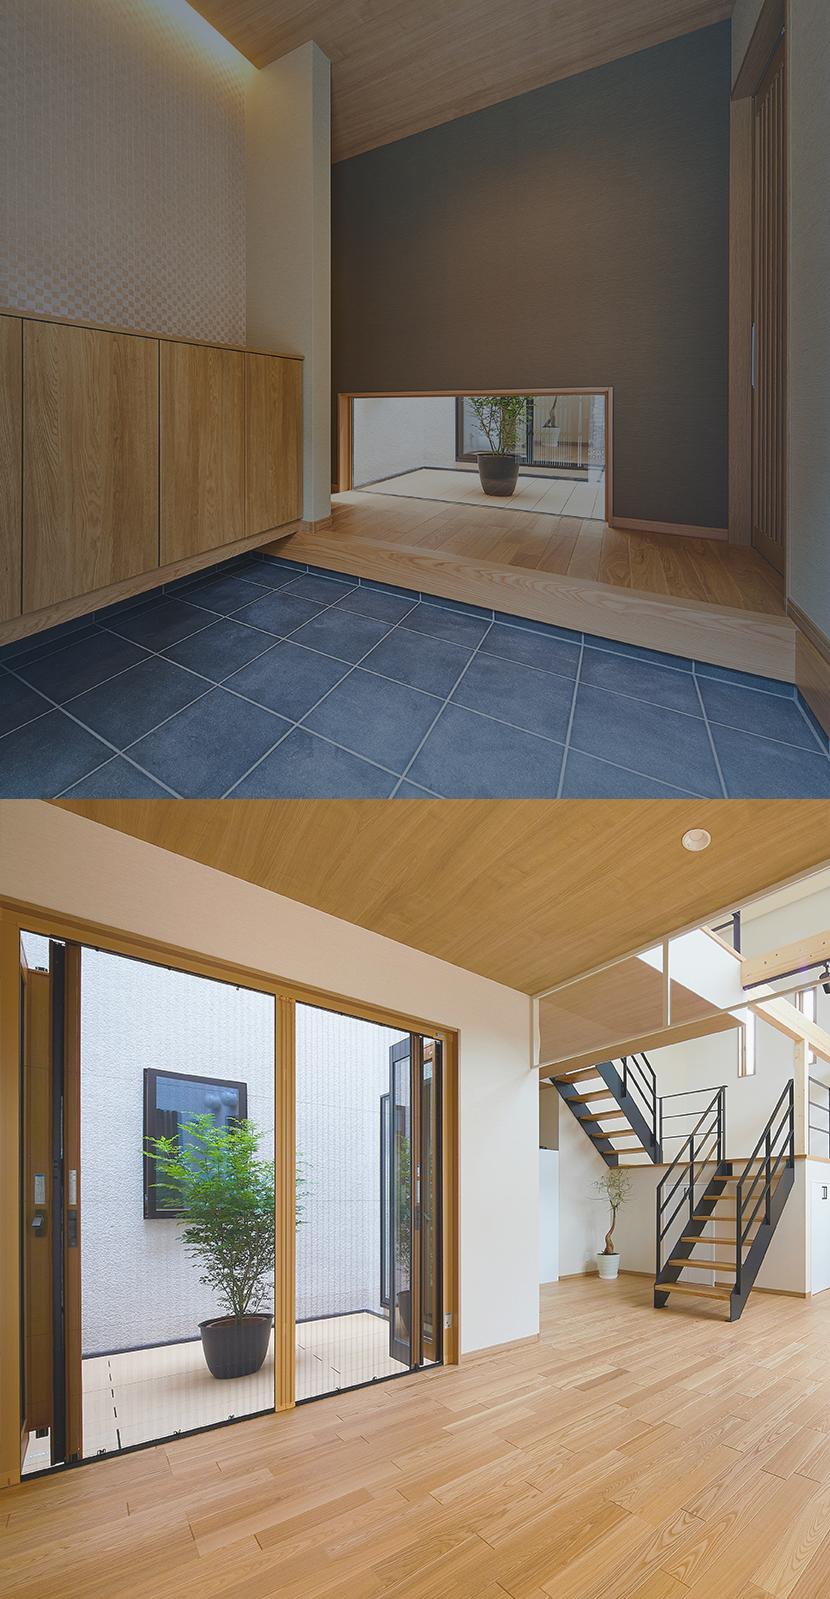 ST home design は建築に関わる 設計業務を行っております